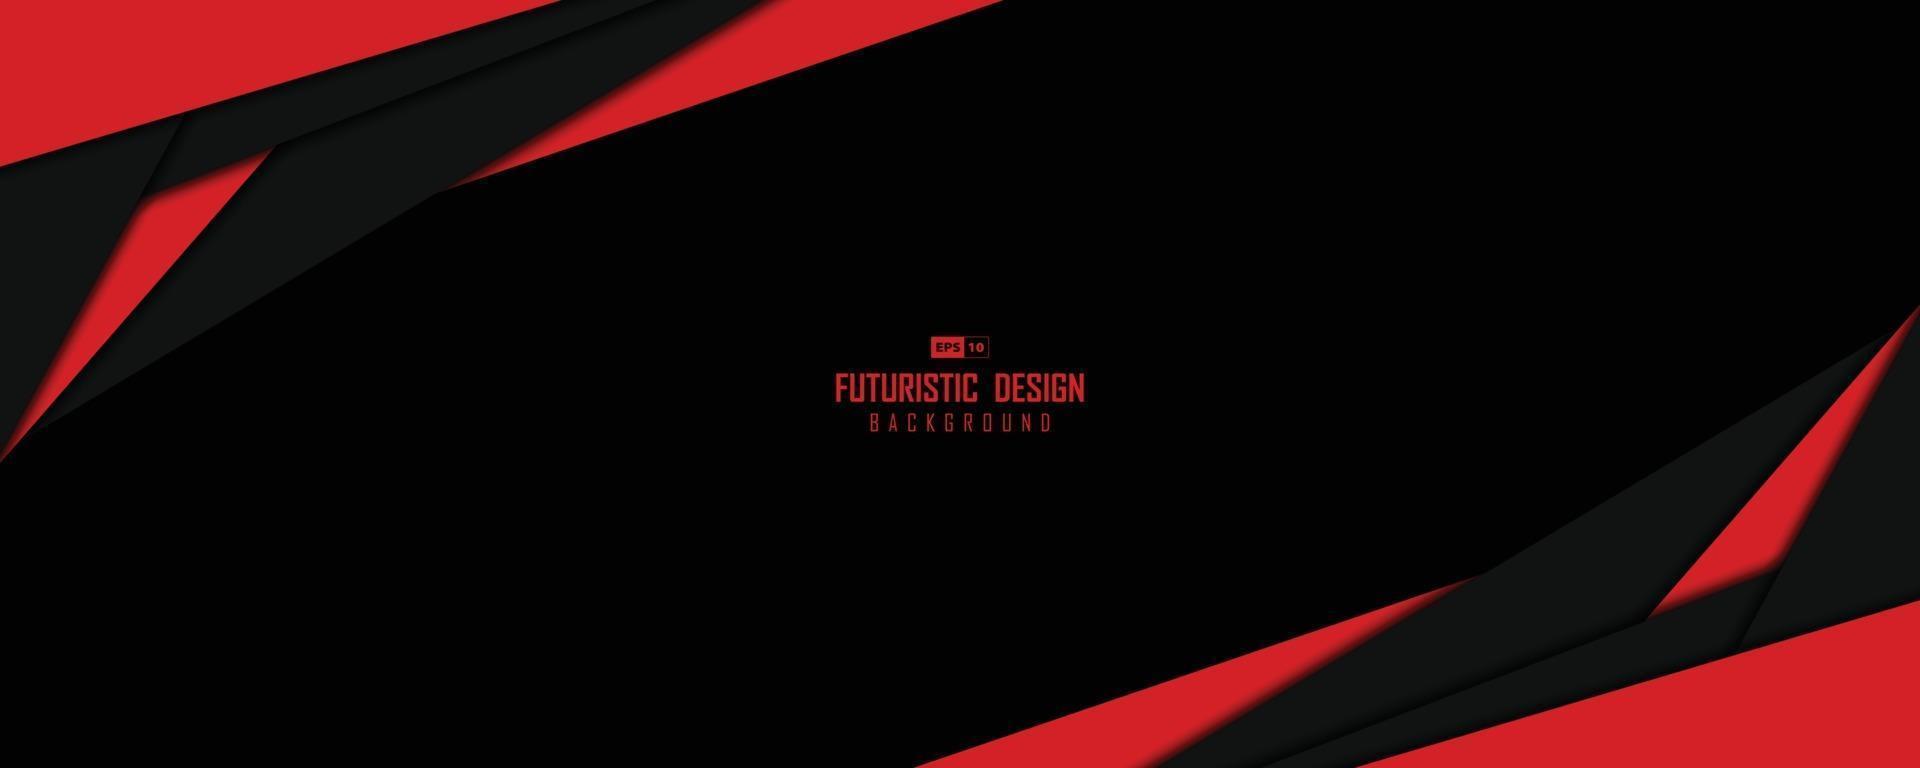 abstraktes weites Fenster des schwarzen und roten Technologievorlageentwurfskunstwerkhintergrunds. Illustrationsvektor eps10 vektor